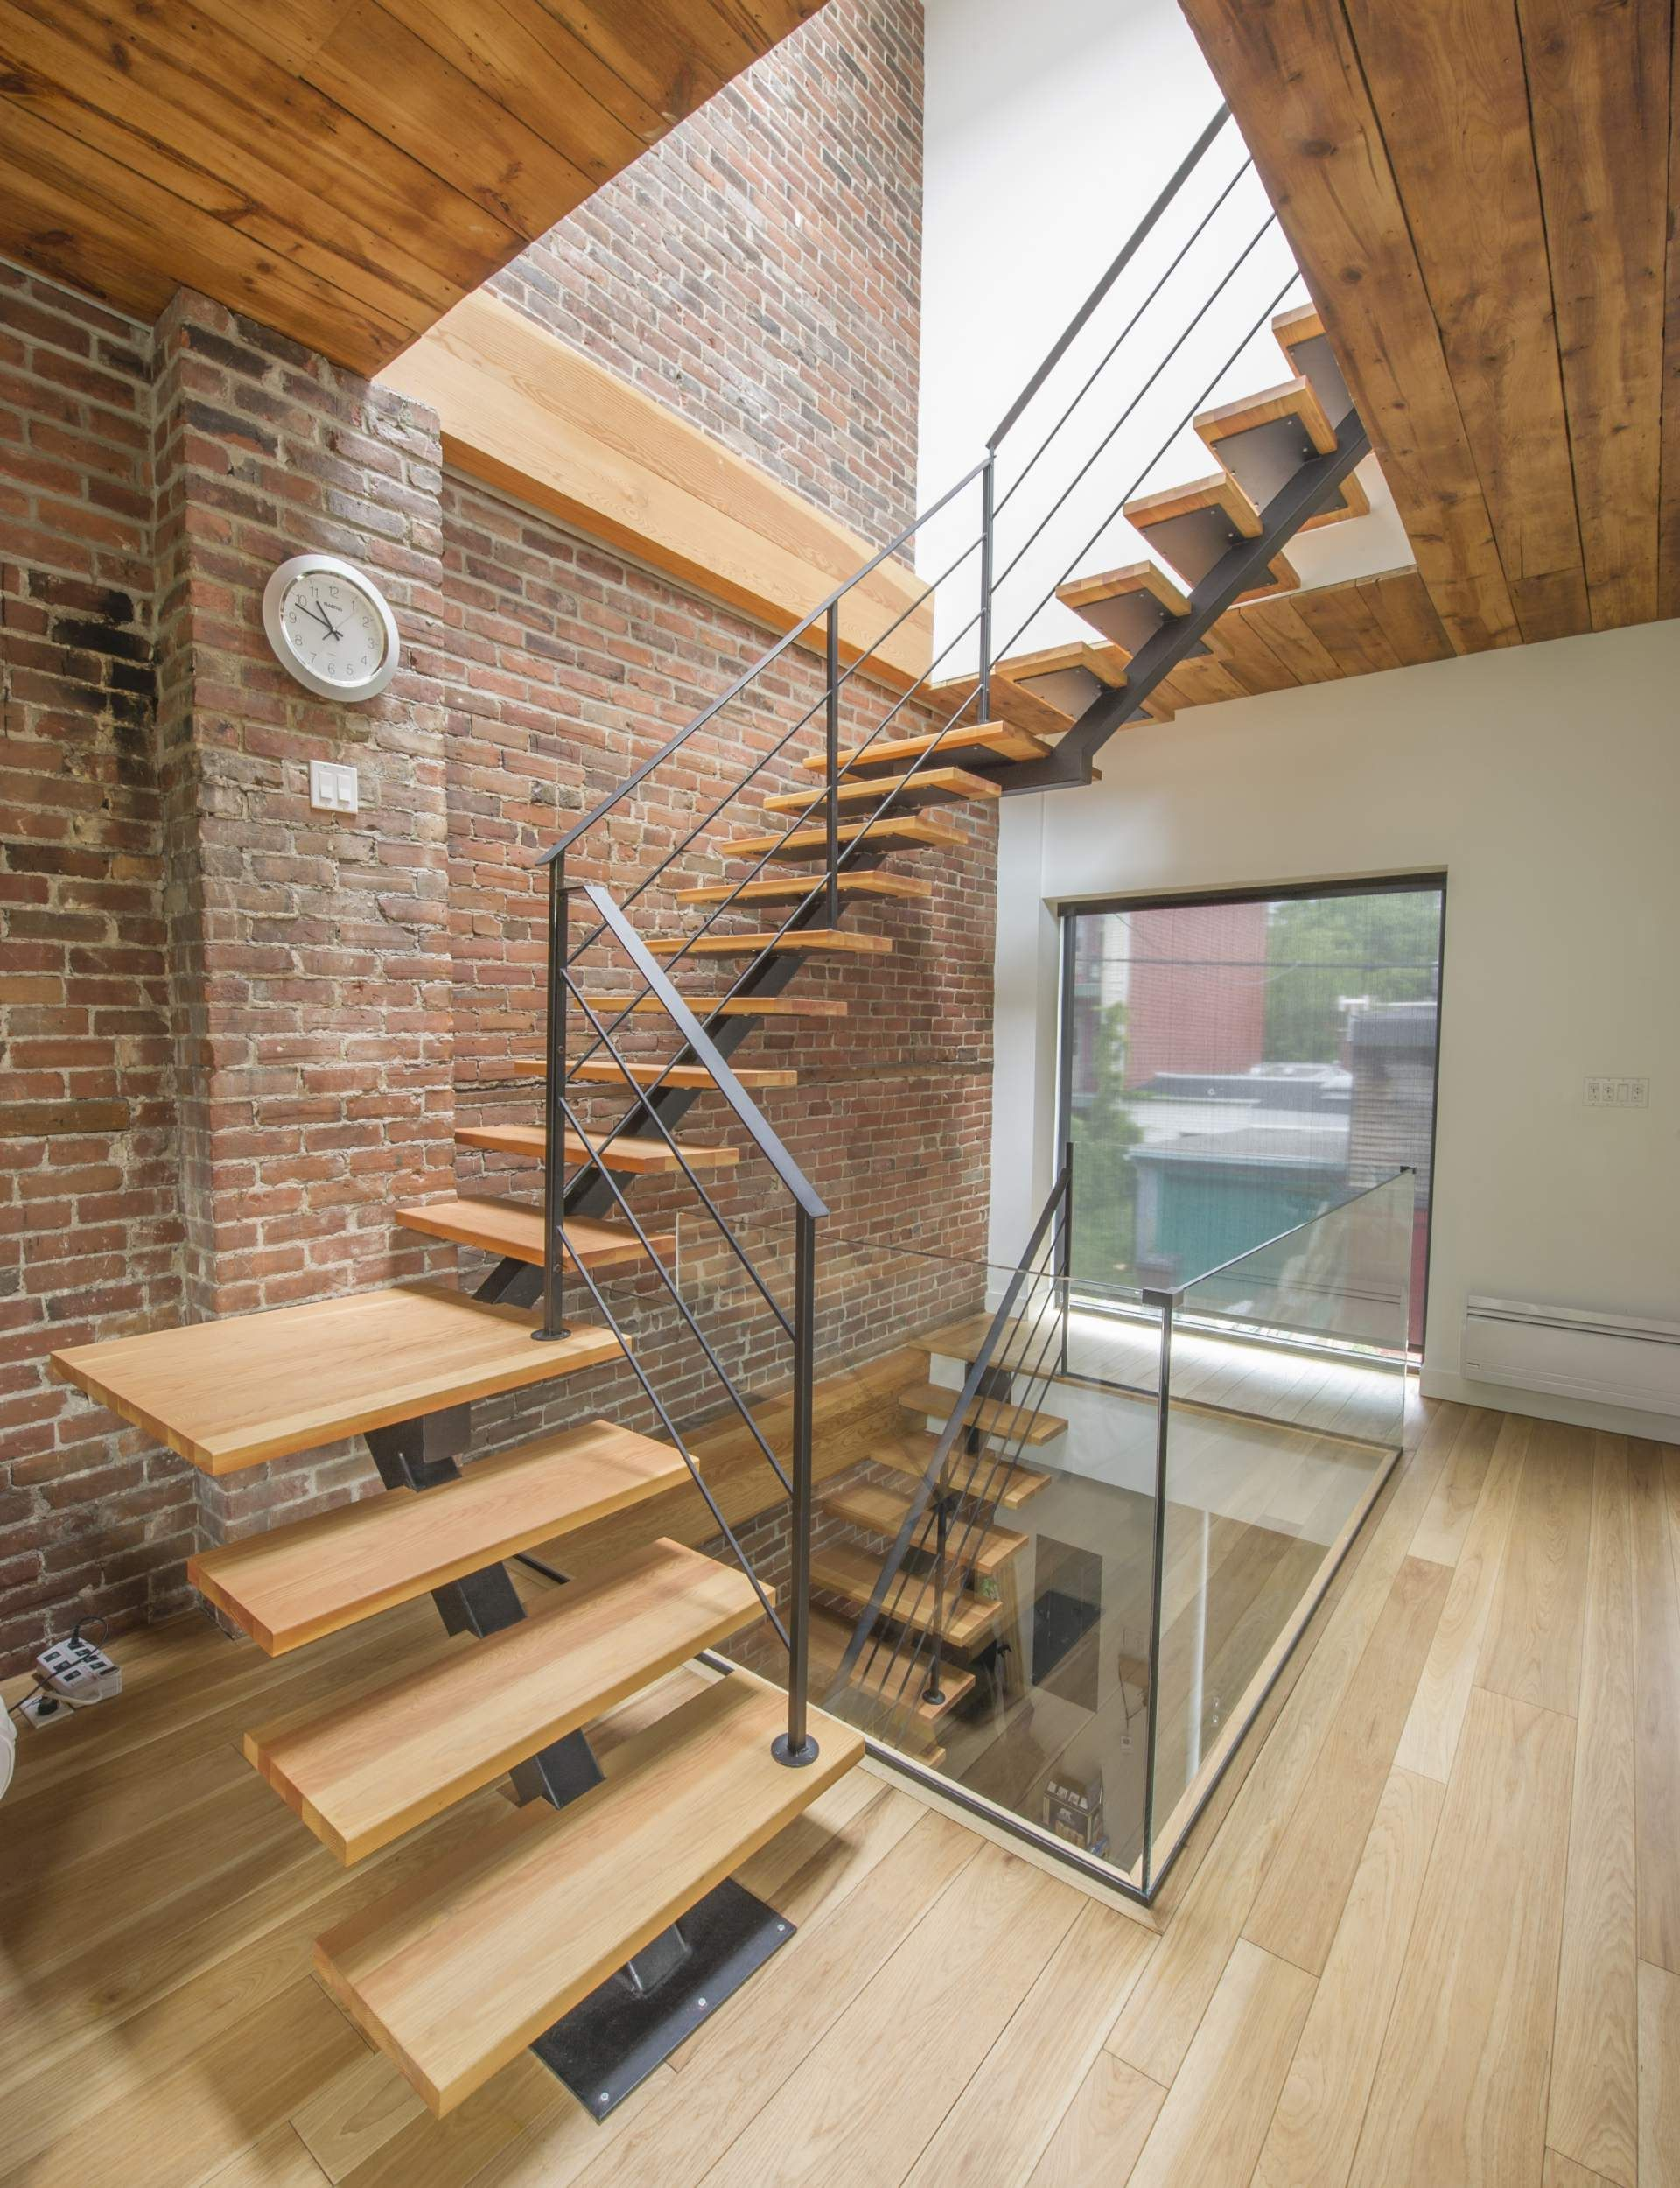 escalier bois cedre rouge ouest 21 1920—